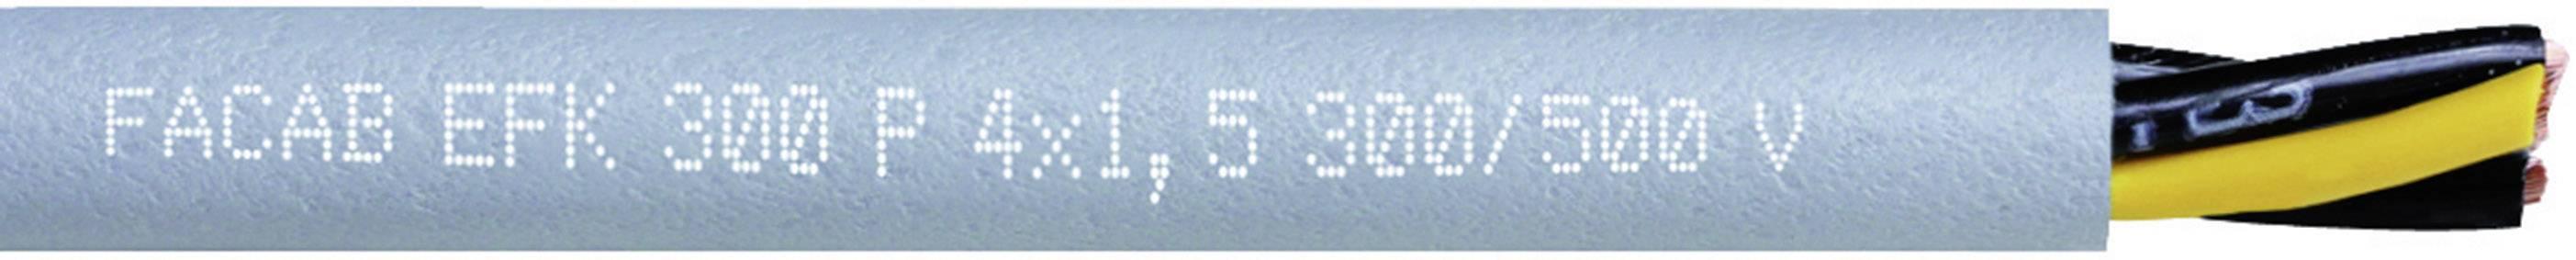 Tažný kabel Faber Kabel EFK 300 P AD300 - SCHLEPPLTG. TPE/PUR (031067), 4x 1,5 mm², polyurethan, Ø 8 mm, nestí